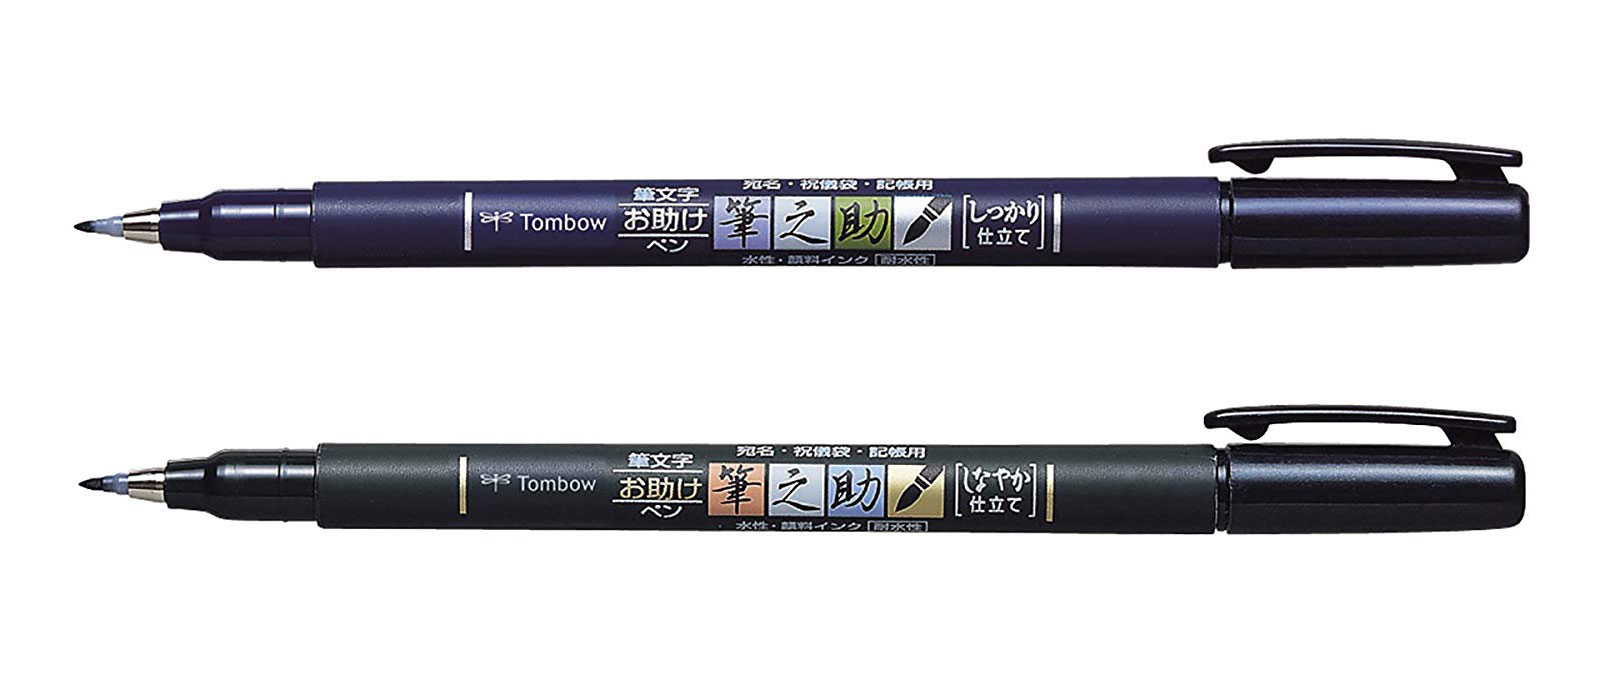 best calligraphy pen: Tombow Fudenosuke Brush Pen